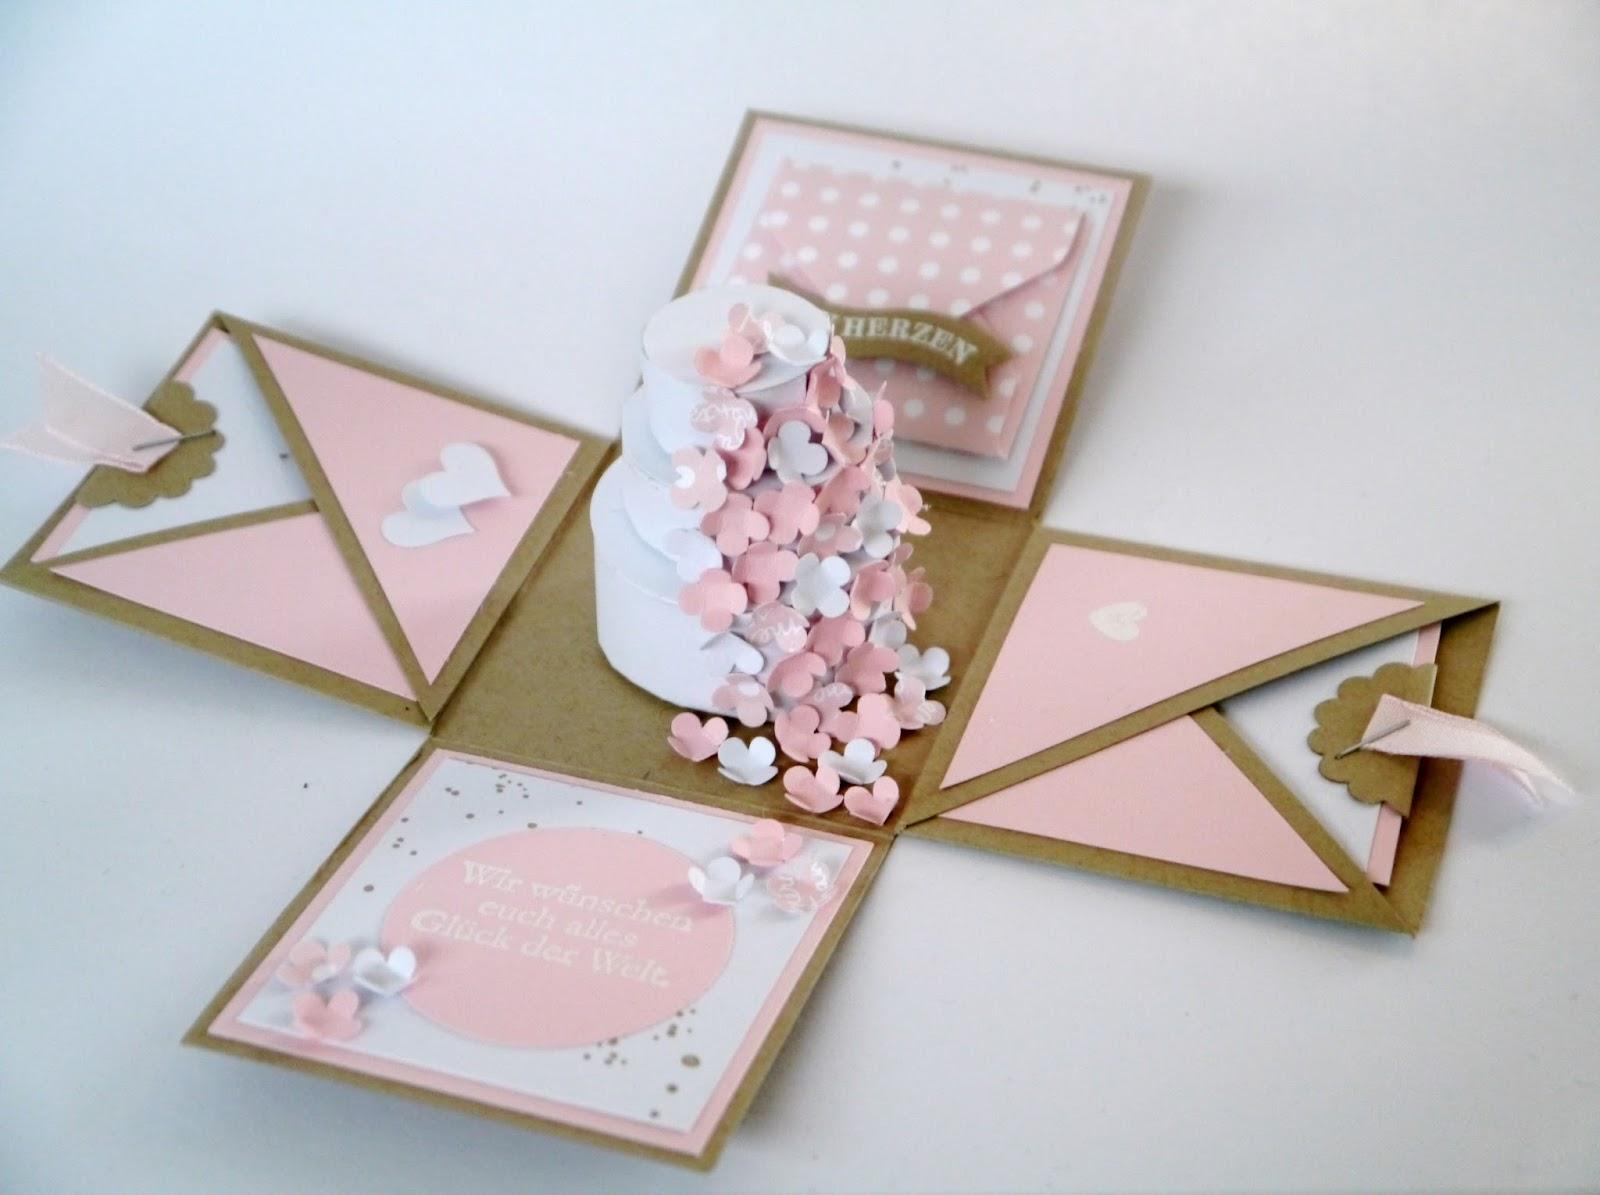 Schneckes Kreativ Laden Hochzeitsgeschenk